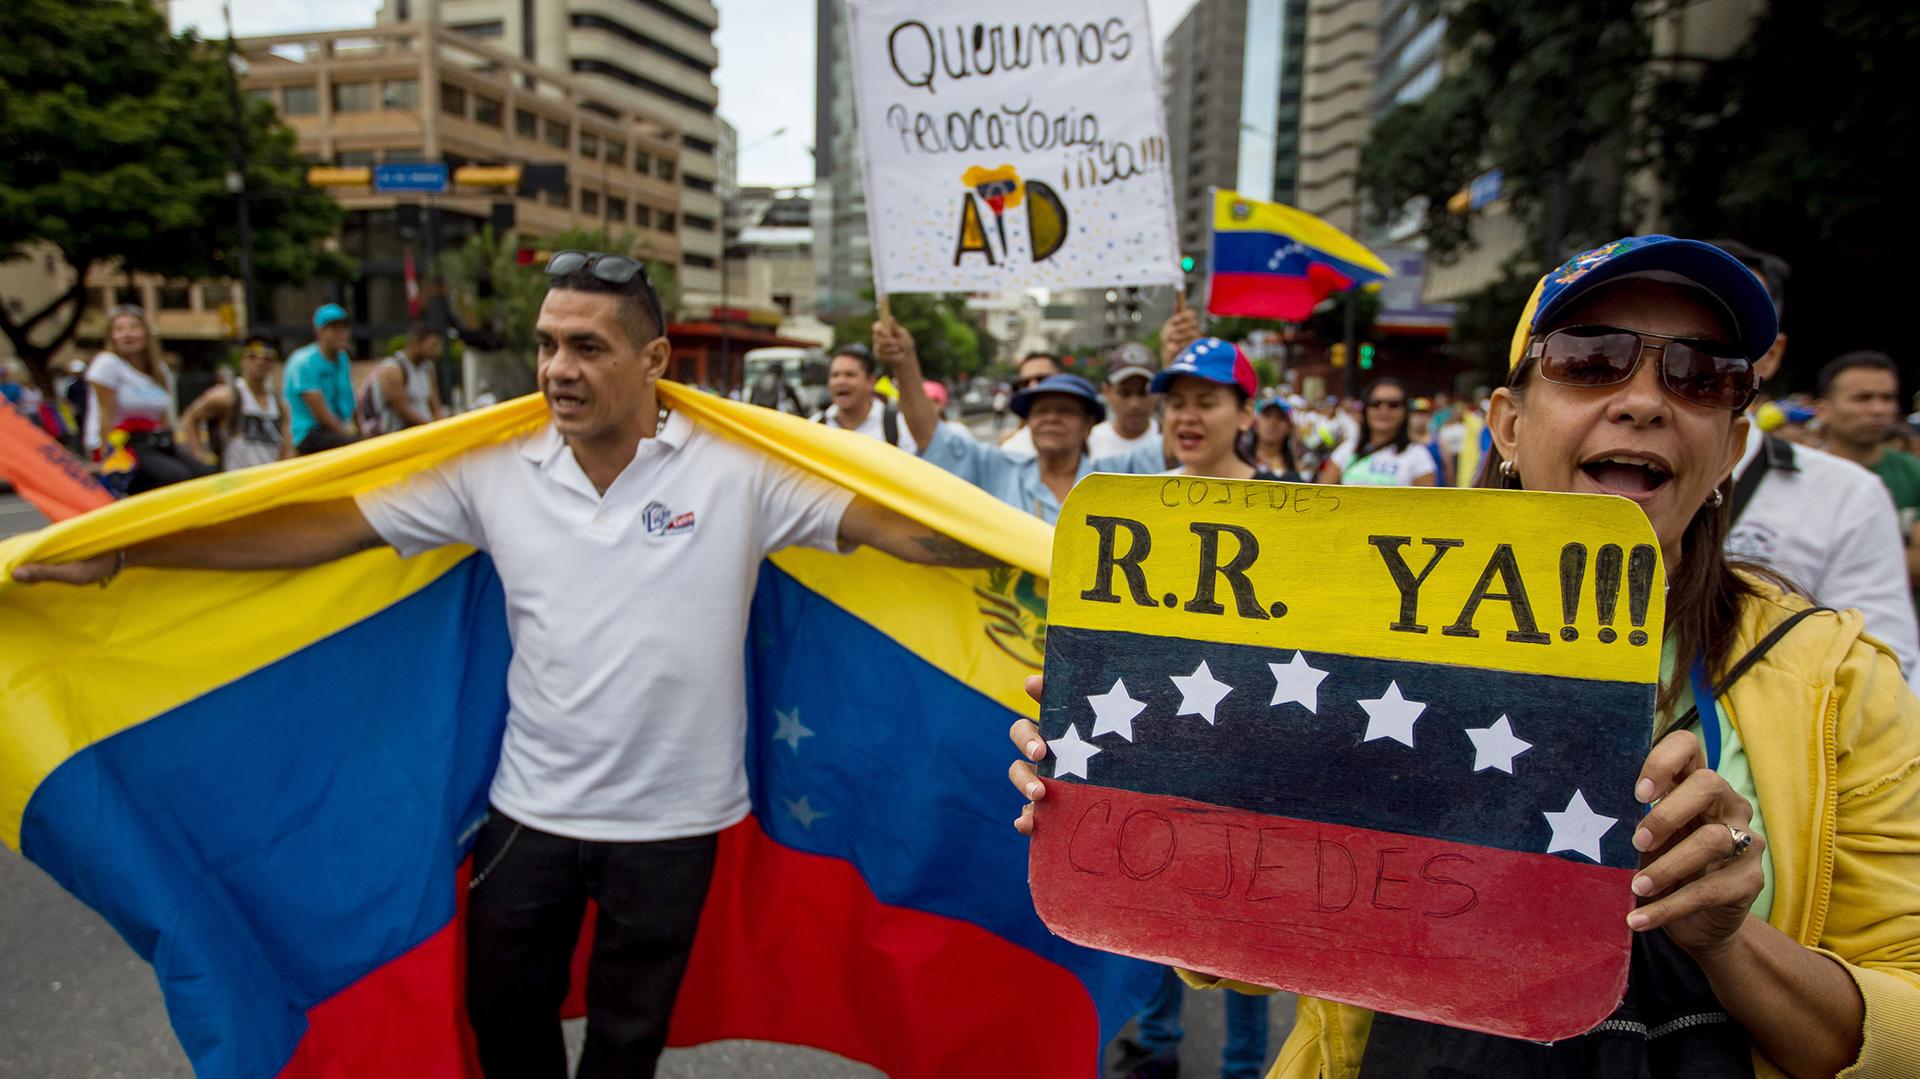 """CAR01. CARACAS (VENEZUELA), 1/09/2016.- Un grupo de personas participan hoy, jueves 1 de septiembre de 2016, en una manifestación denominada """"Toma de Caracas"""", una marcha convocada hace semanas por la alianza de partidos Mesa de la Unidad Democrática (MUD) para presionar al Poder Electoral por la agenda del referendo, que impulsa la oposición, para revocar al presidente venezolano Nicolás Maduro en la ciudad de Caracas (Venezuela). EFE/MIGUEL GUTIÉRREZ"""